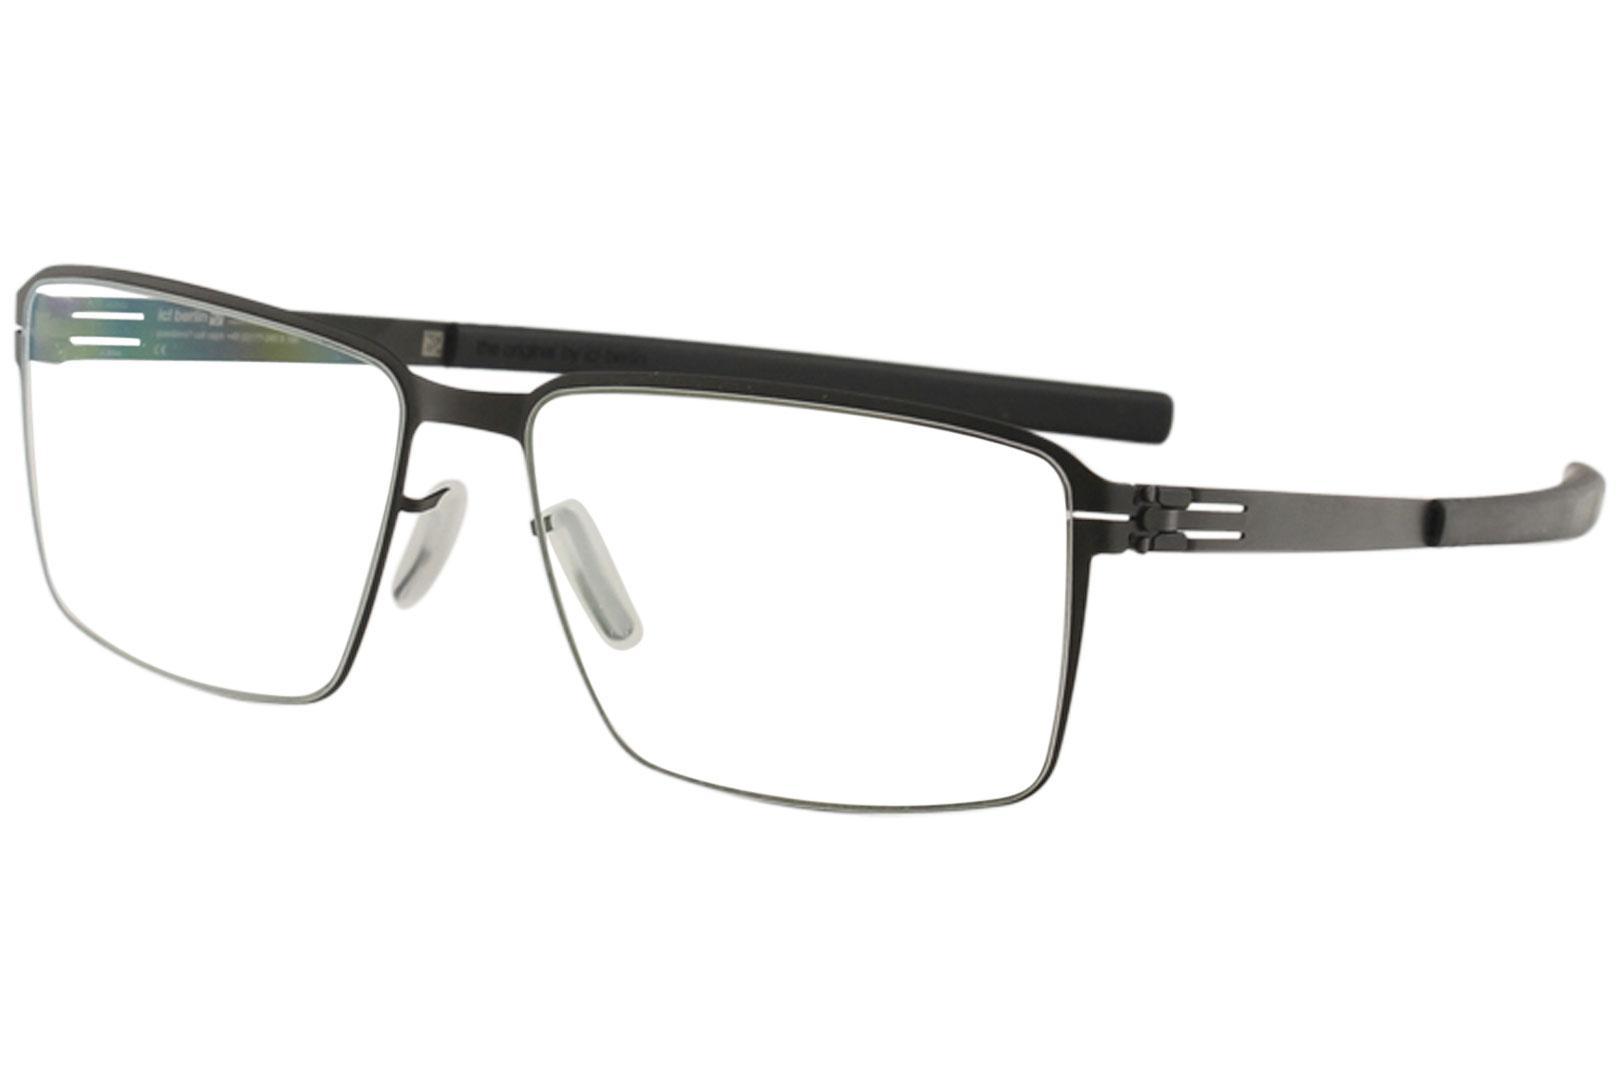 Image of Ic! Berlin Men's Eyeglasses Jens K. Full Rim Flex Optical Frame - Black - Lens 55 Bridge 16 Temple 145mm